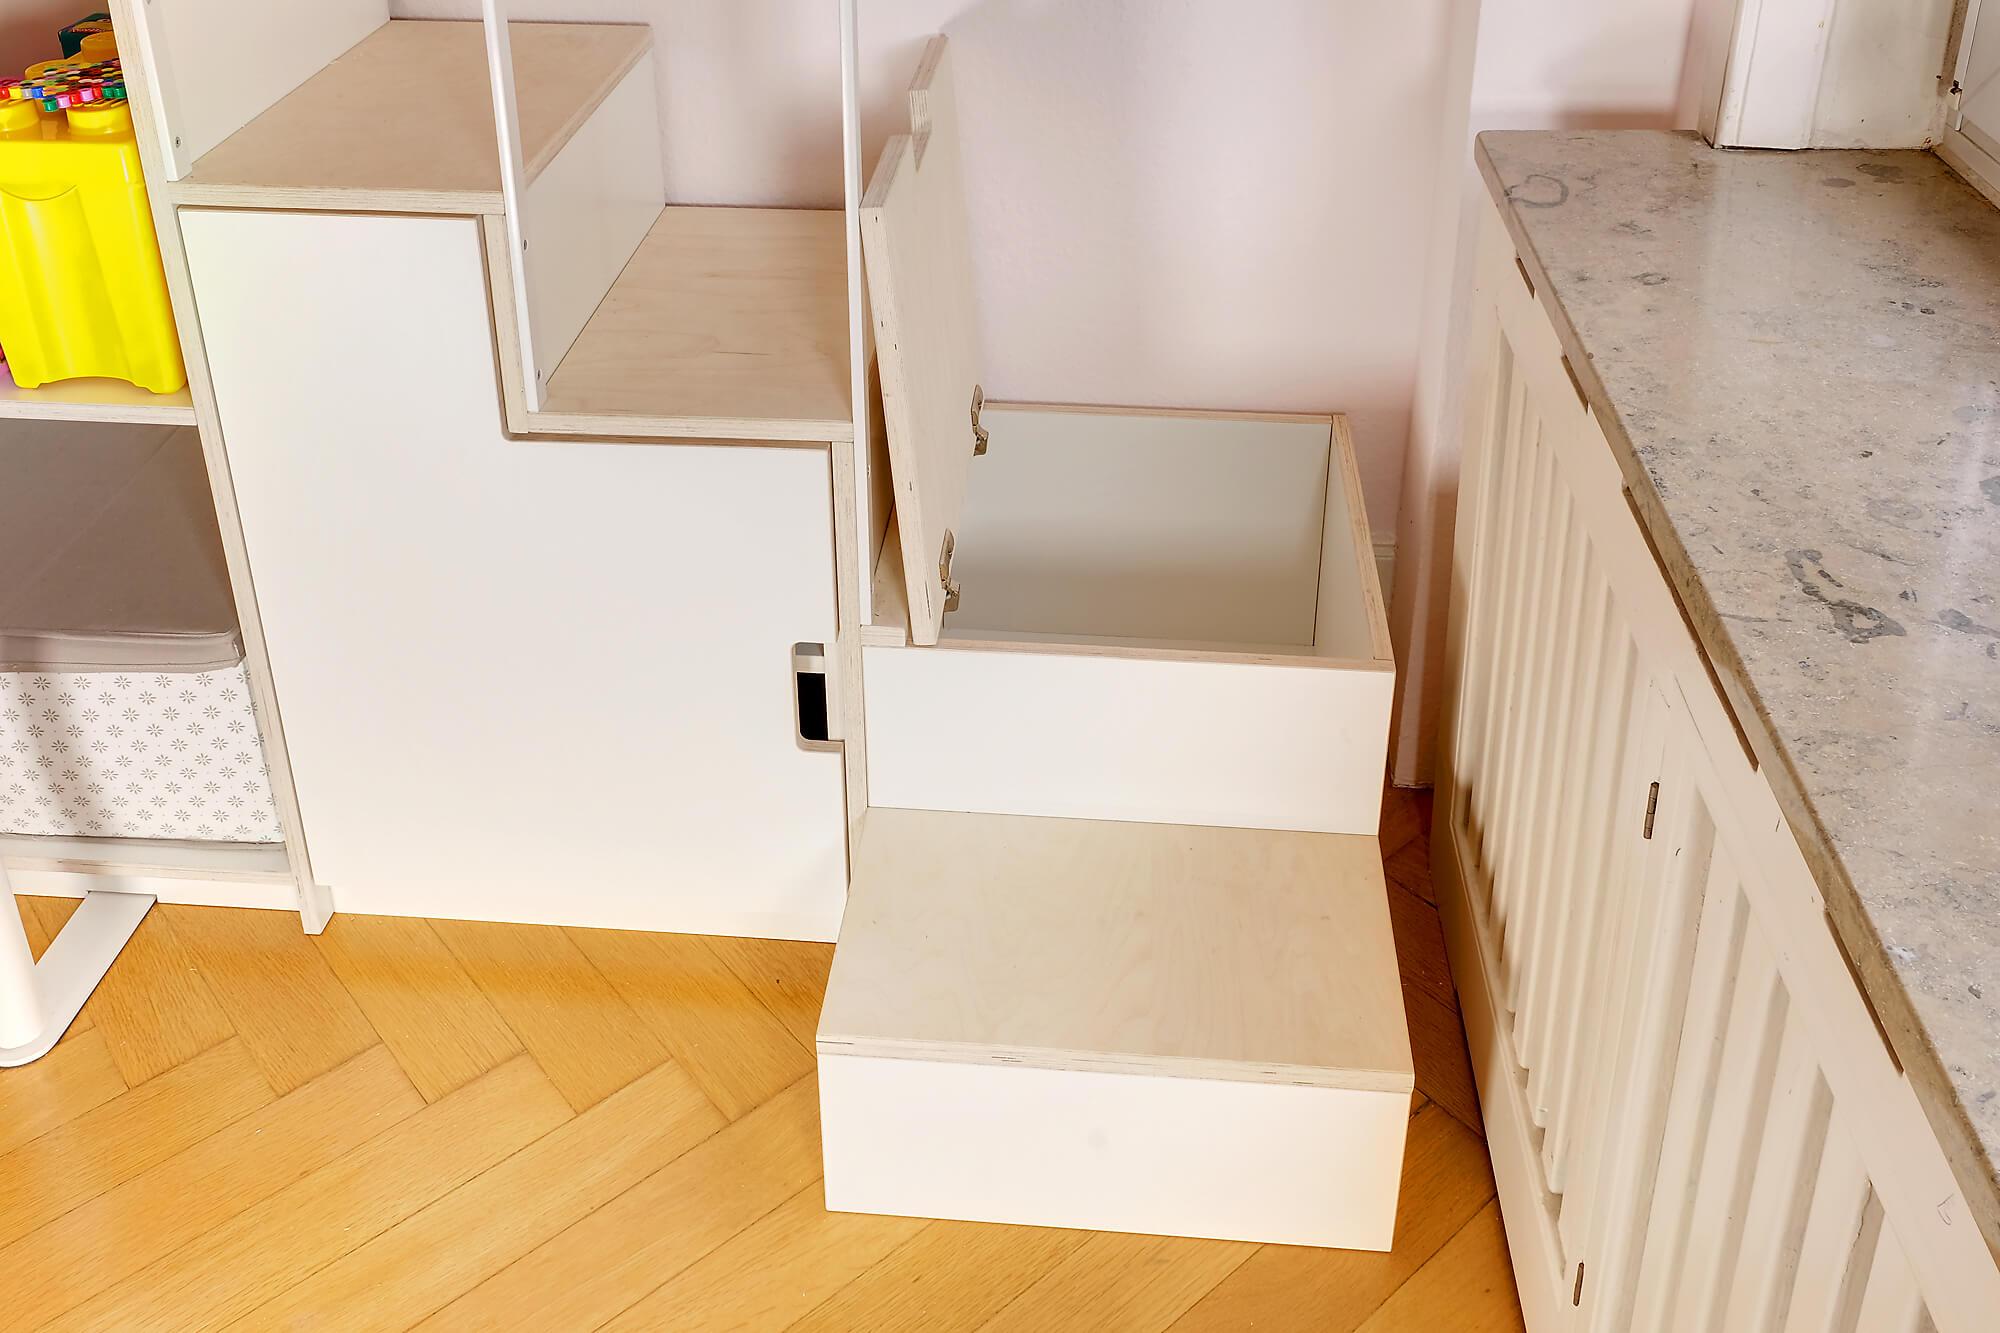 Treppe-Podest mit geöffnetem Stauraum